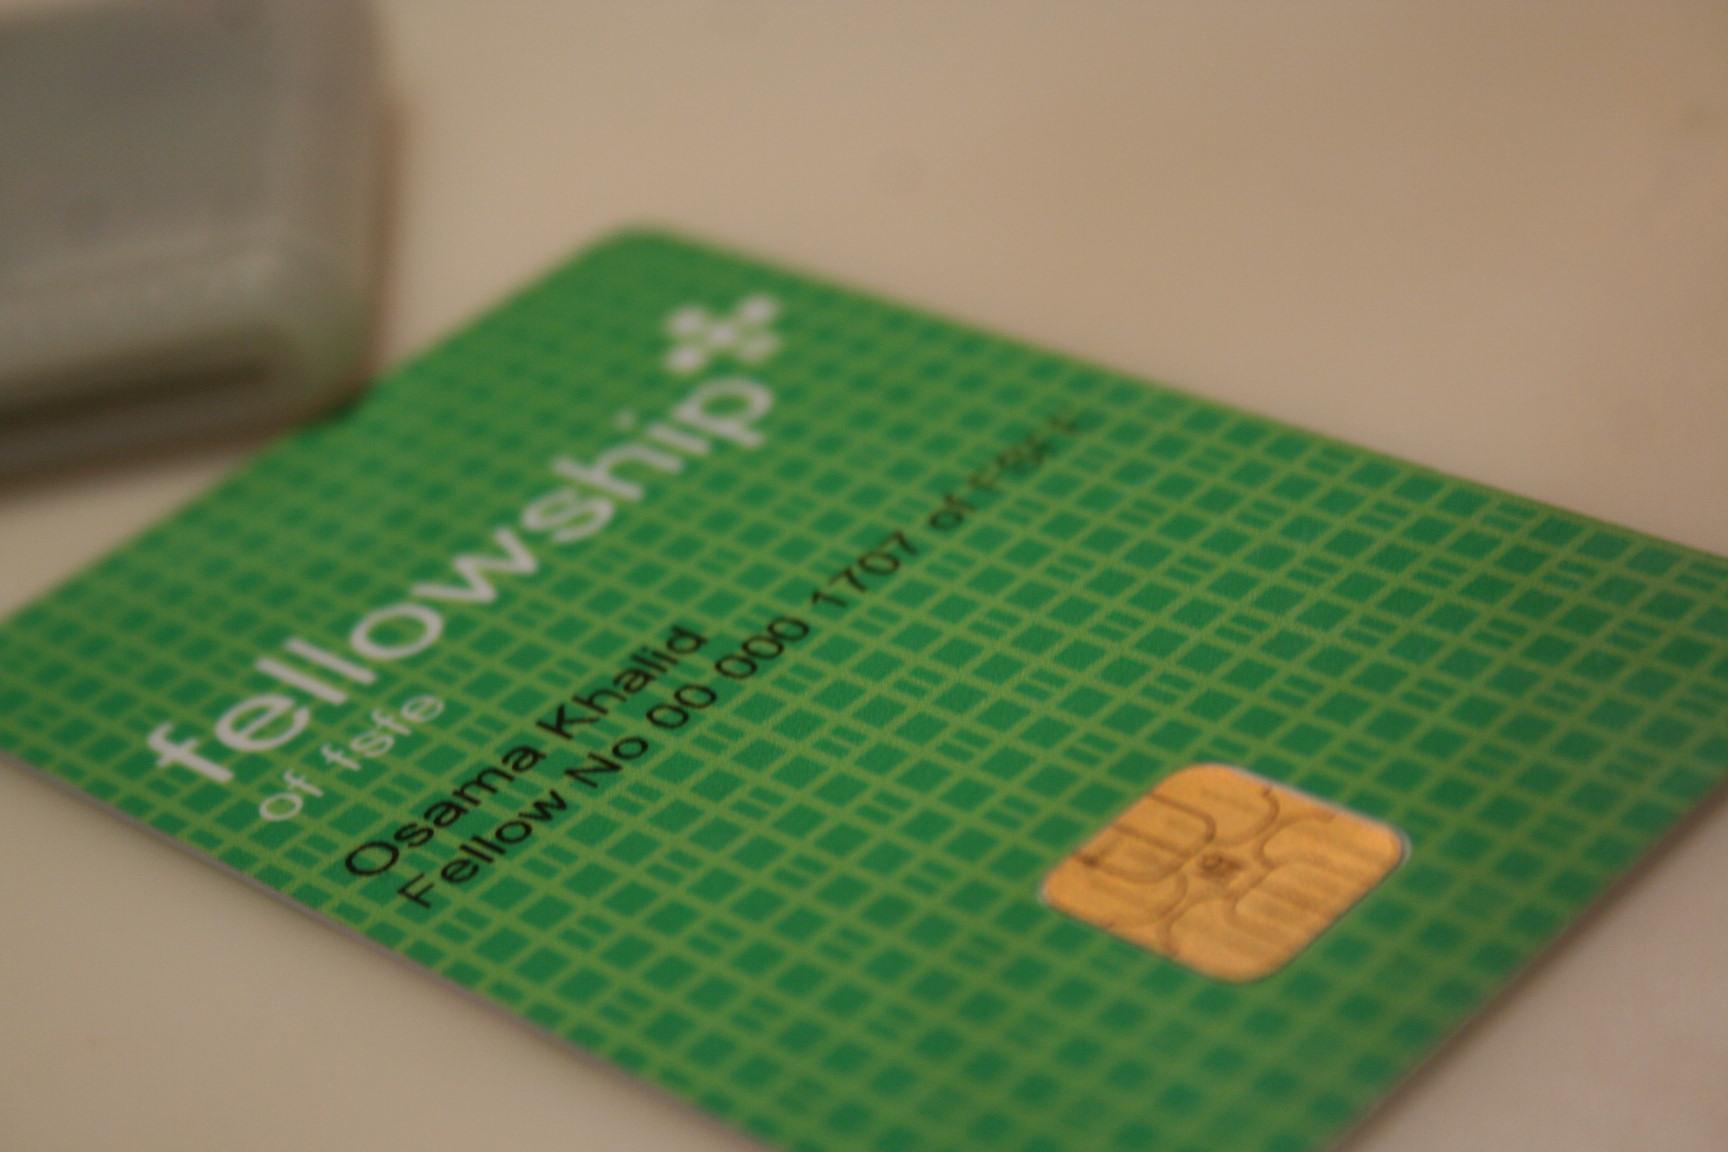 بطاقة عضويتي